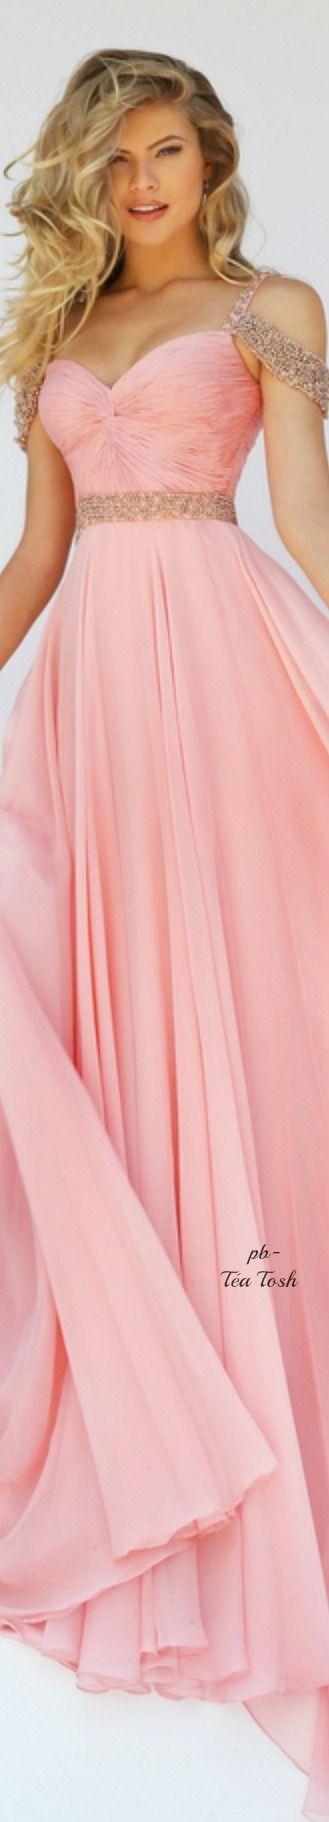 Moderno Vestidos De Fiesta De La Colina Embellecimiento - Ideas de ...